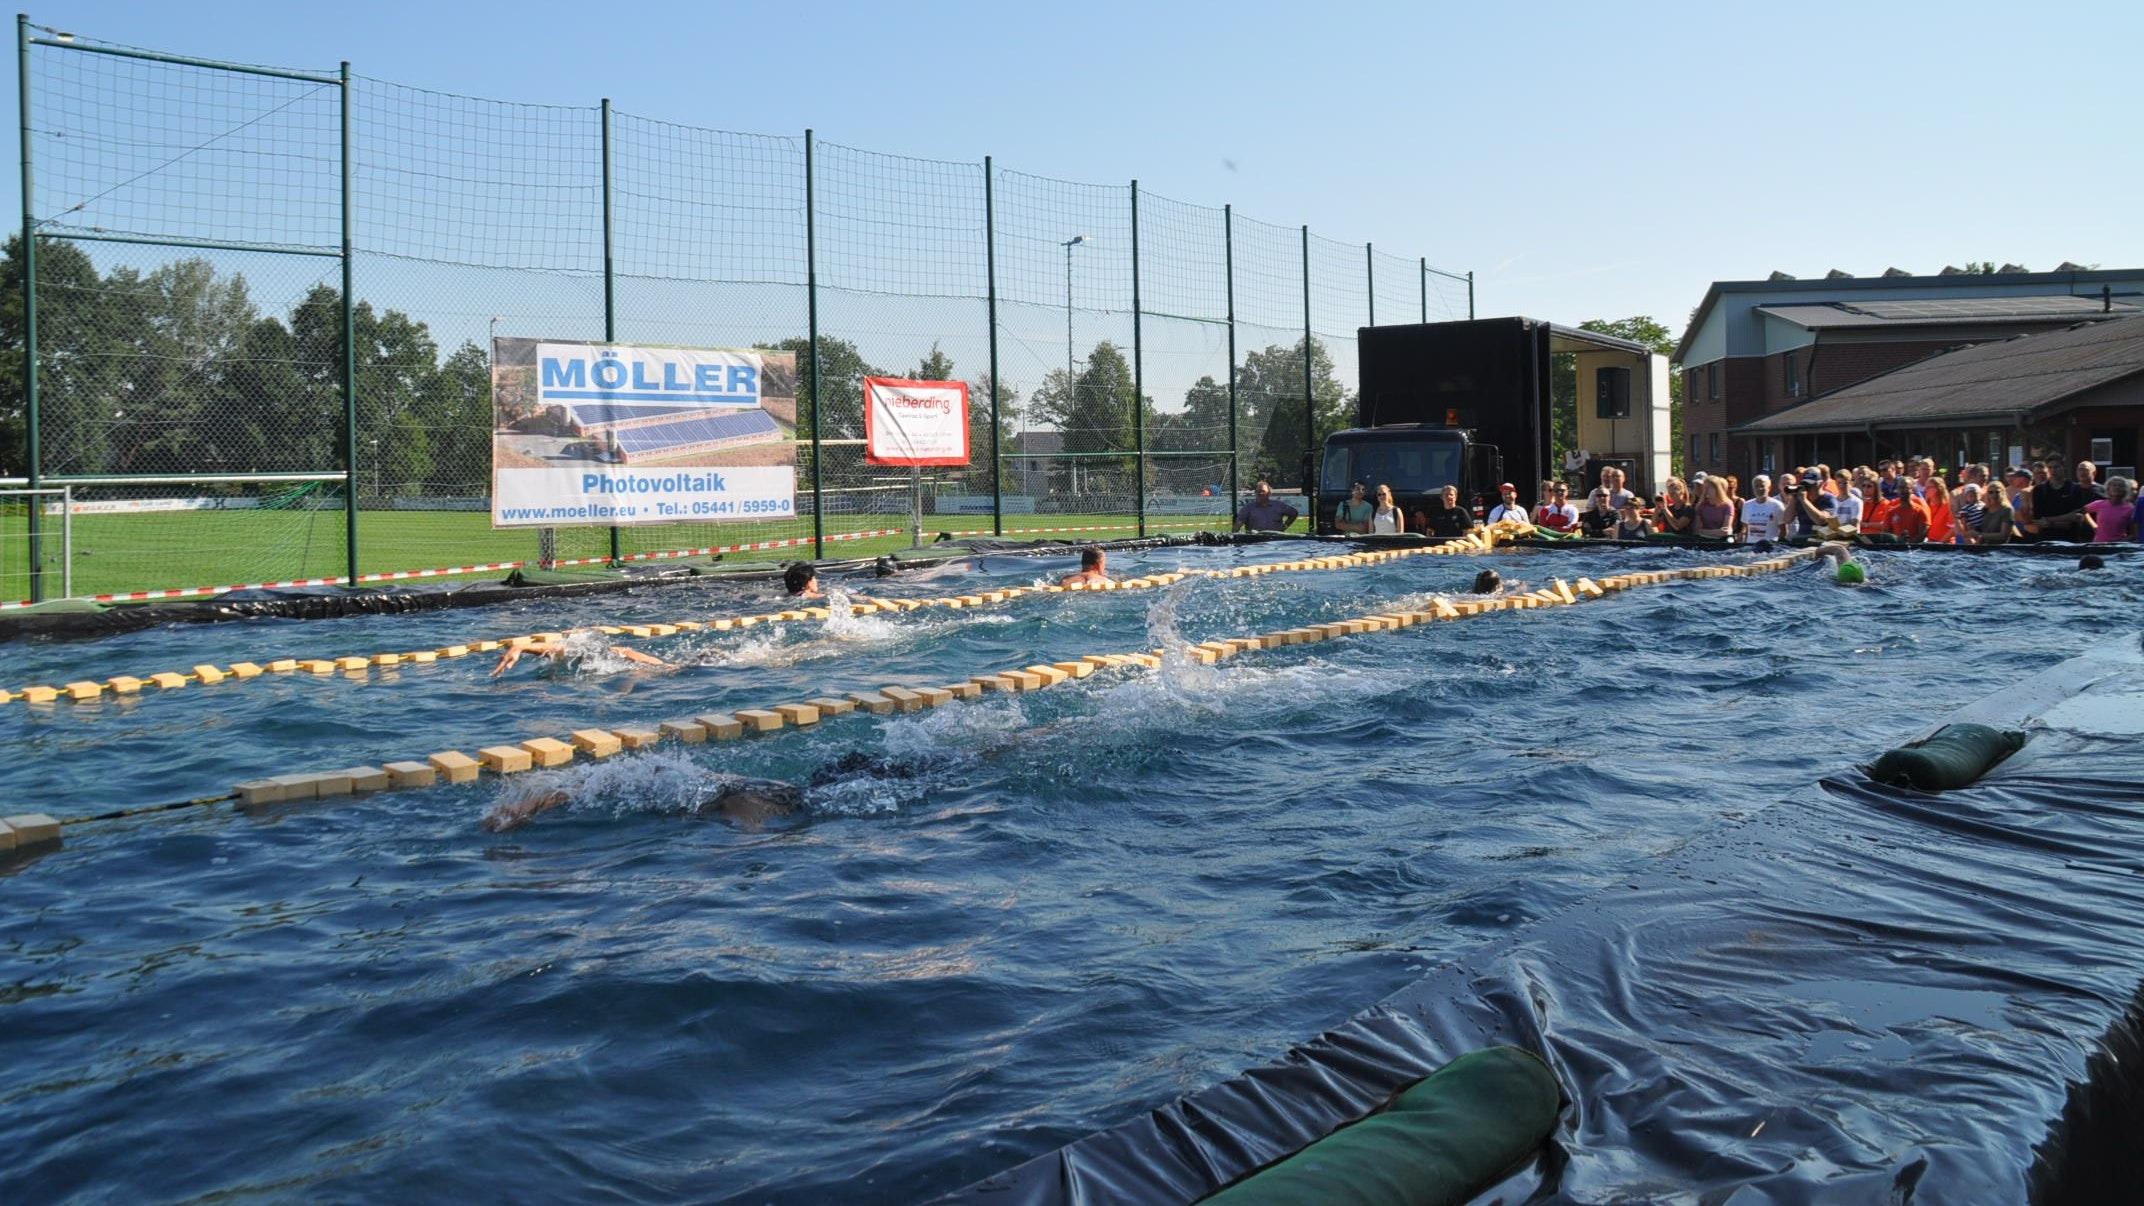 Schwimmspektakel auf dem Kroger Sportplatz: Eine Impression von der Premiere des Strohbecken-Triathlons im August 2019. Diesmal soll das Becken noch drei Meter breiter werden. Fotos: Andrea Kuchenbuch